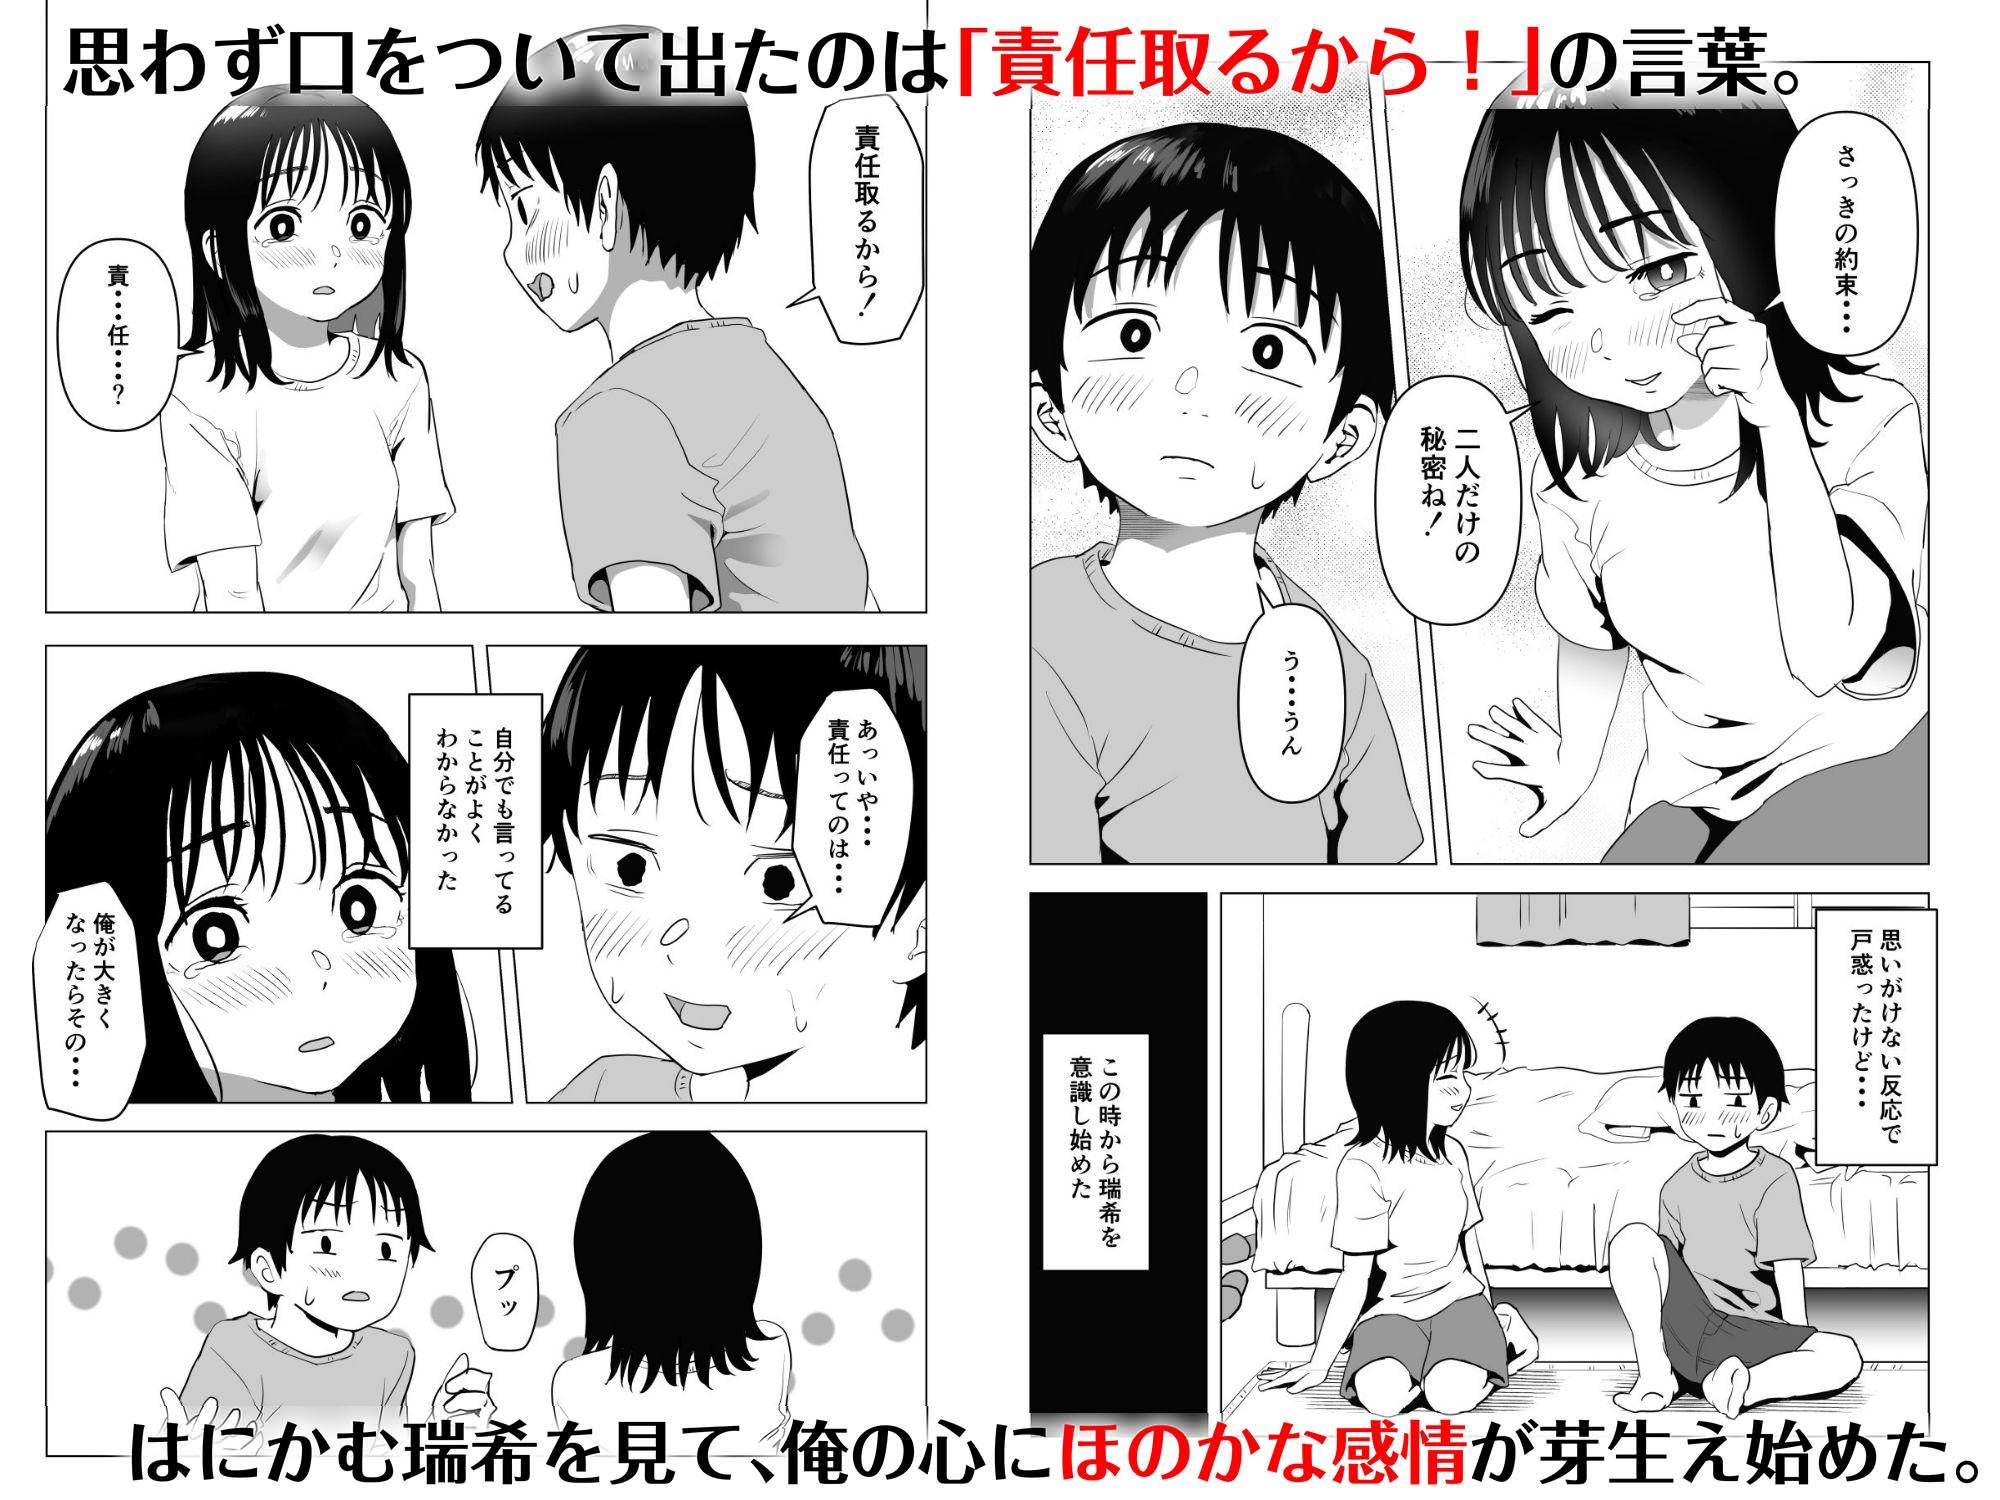 【エロ漫画】俺の巨乳幼馴染が兄貴と最近怪しい関係で‥「サークル:もちち丸」【同人誌・コミック】#2